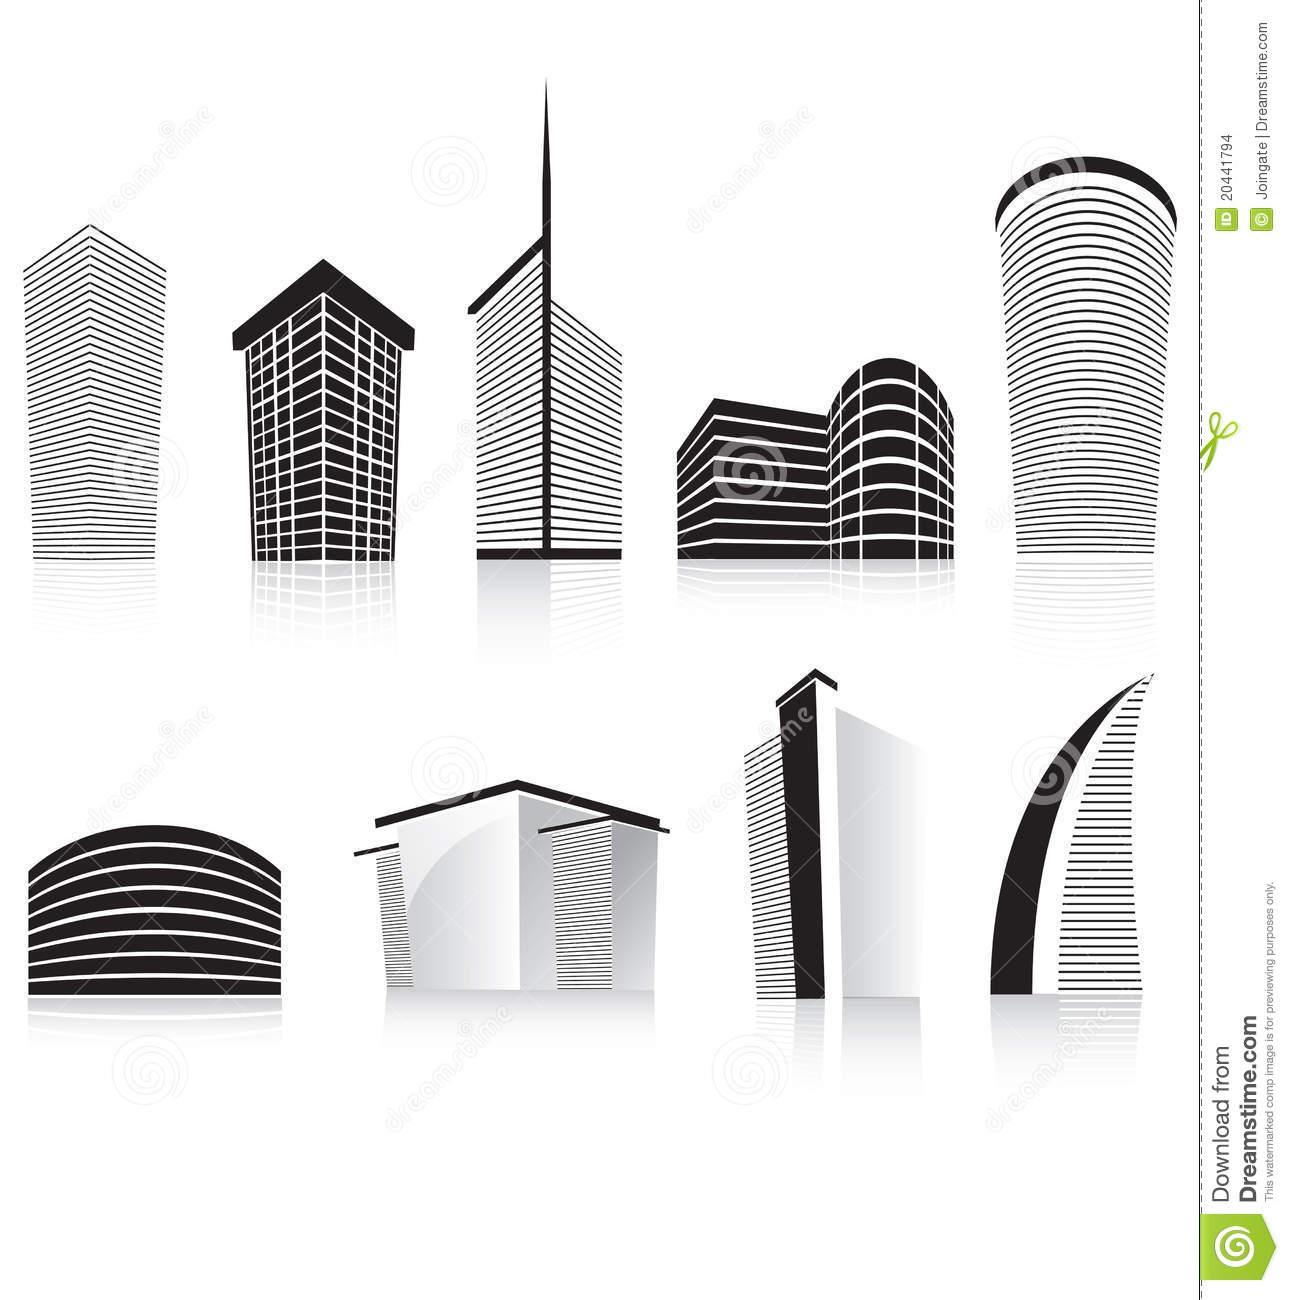 Architecture clipart skyscraper And Clipart Free Skyscraper Panda